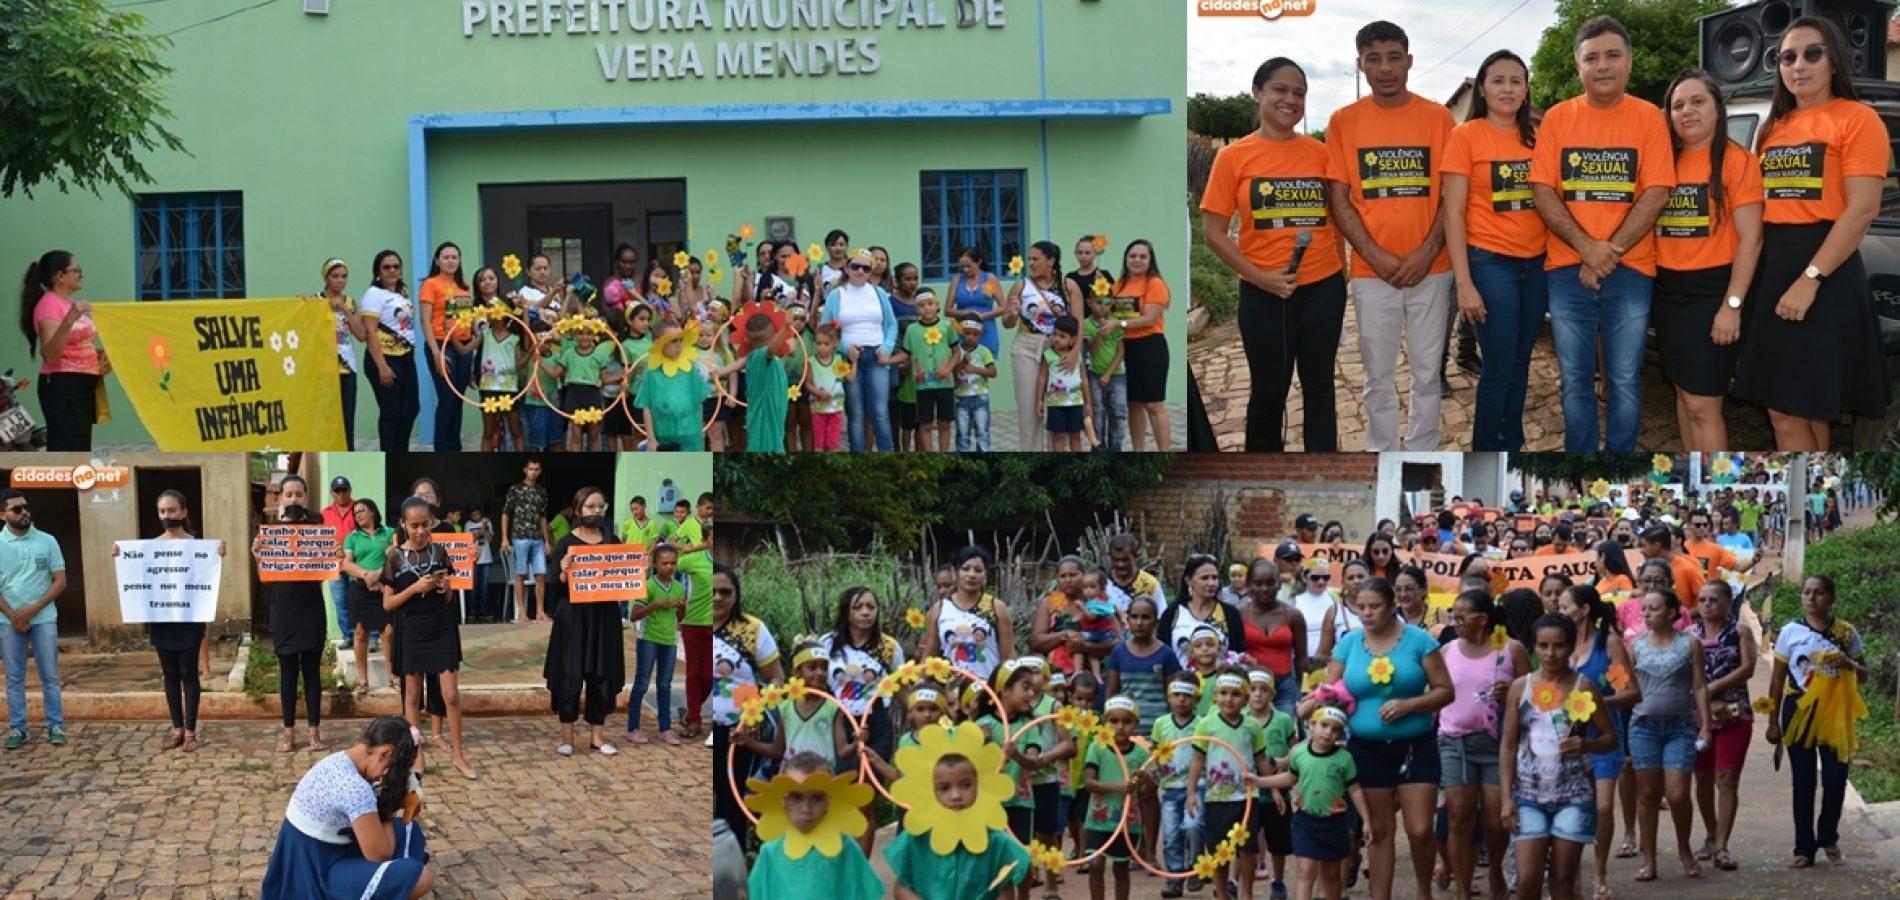 Caminhada mobilizapopulação para o combate à violência sexual de crianças e adolescentes em Vera Mendes